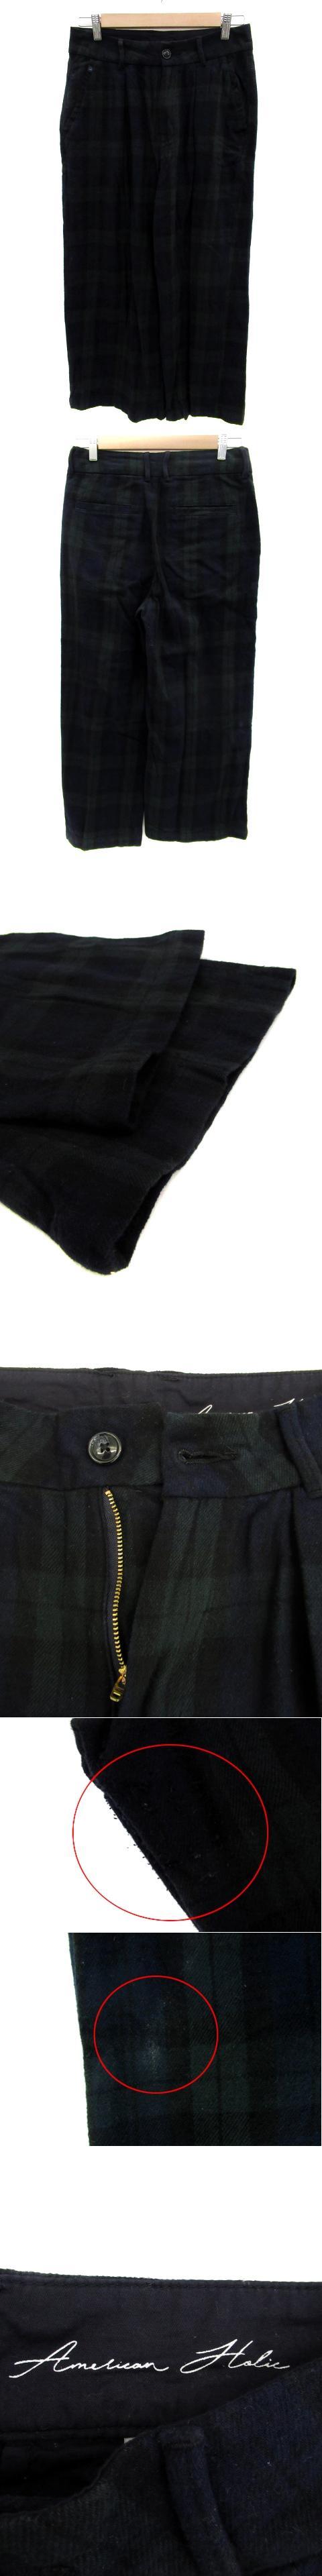 アメリカンホリック AMERICAN HOLIC パンツ ワイド スラックス アンクル丈 チェック柄 L グリーン 緑 ネイビー 紺 /NM3